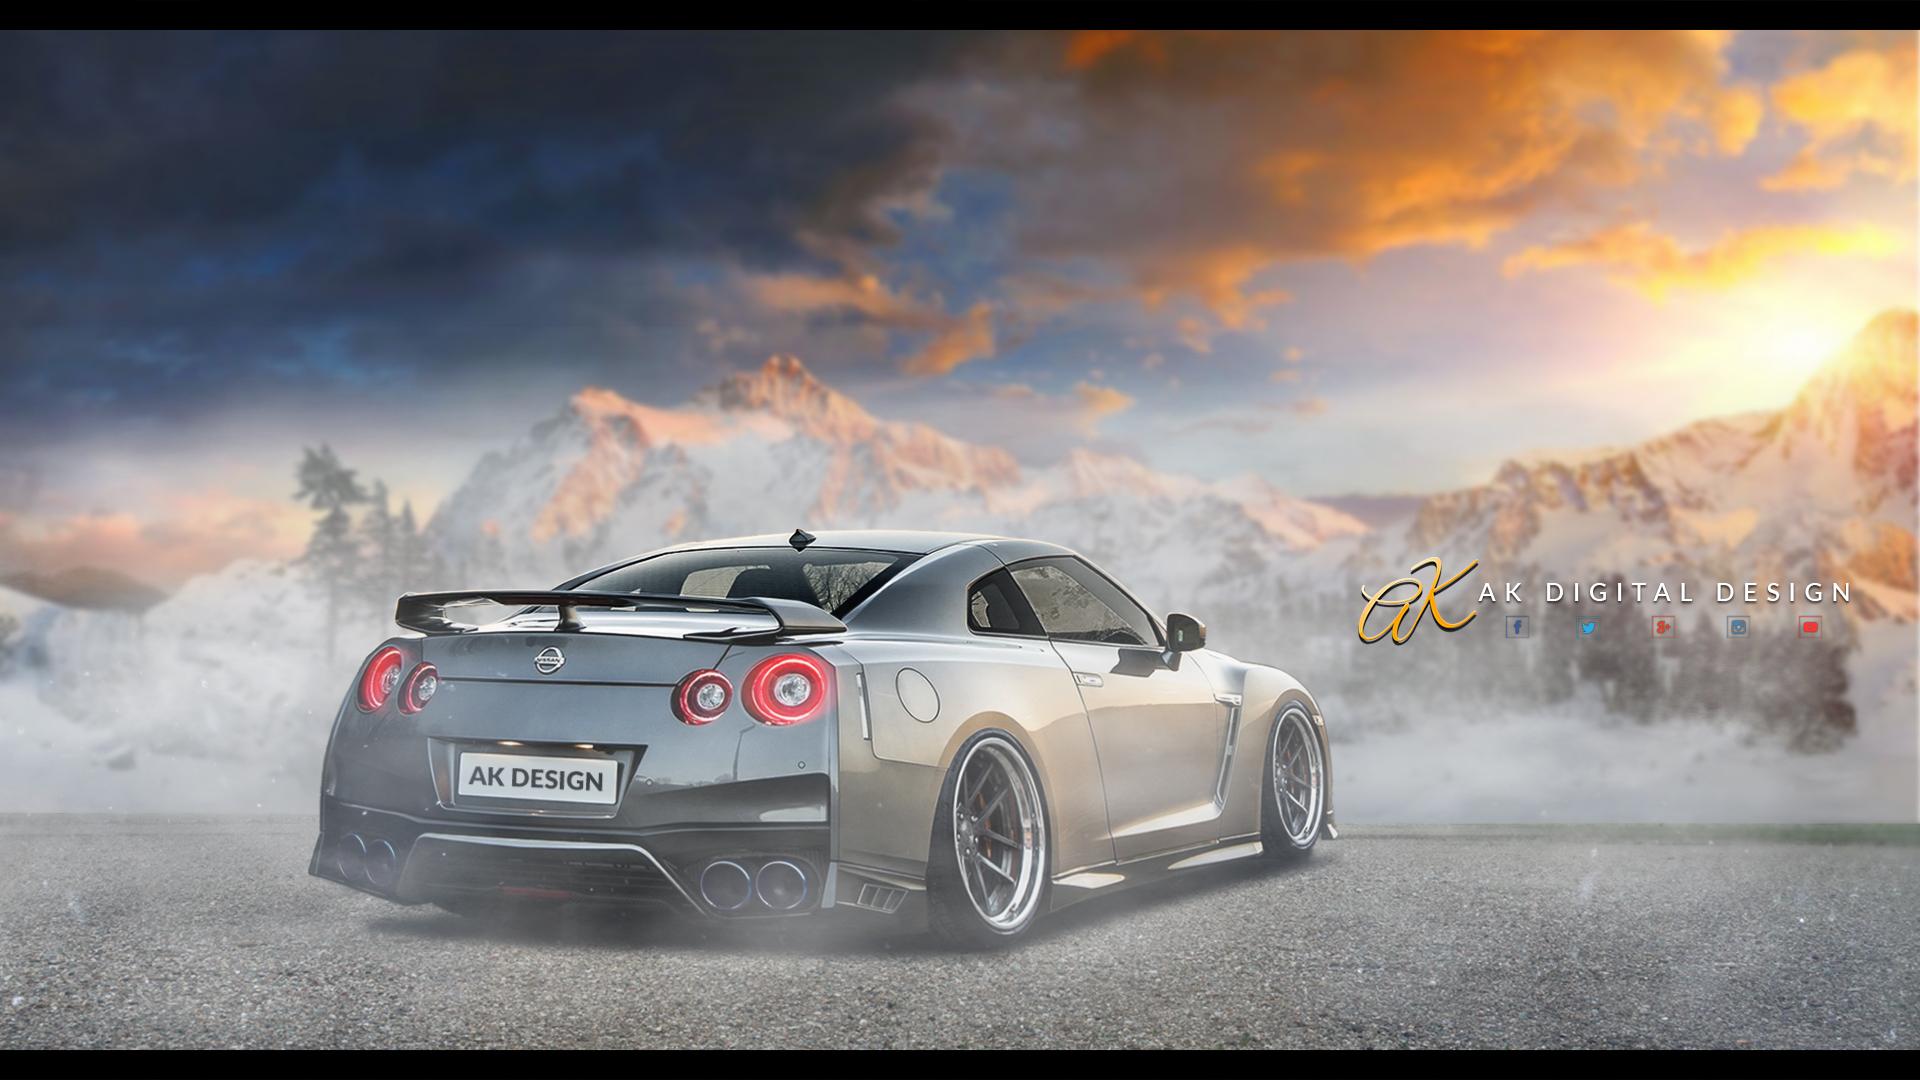 2017 Nissan Gtr Wallpaper: 2017 Nissan GTR Rendering By Akdigitaldesigns On DeviantArt